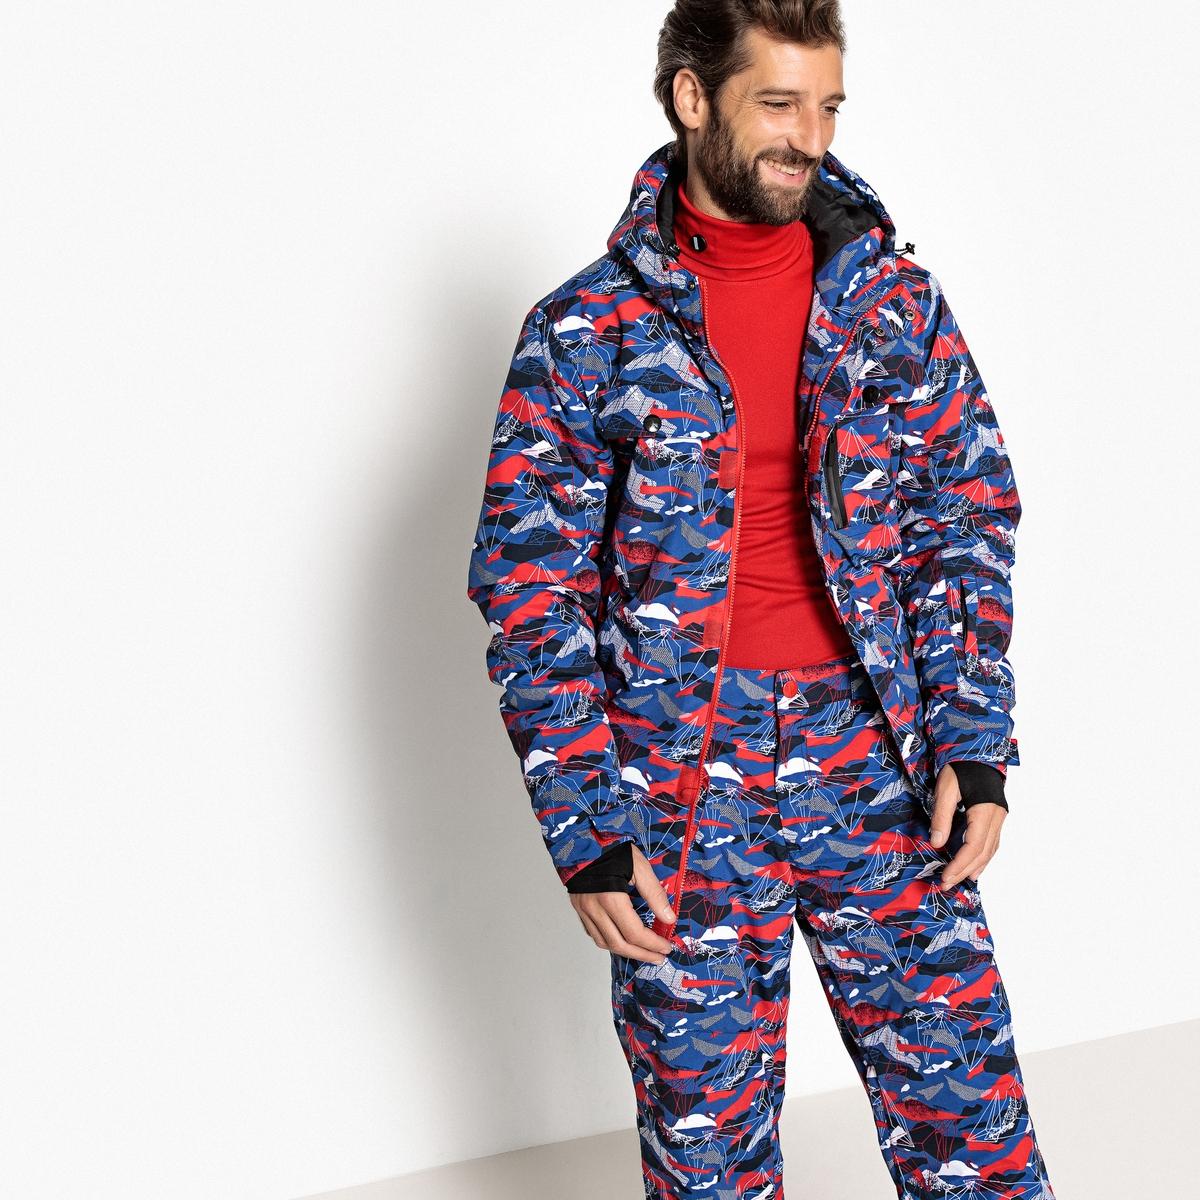 Giacca da snowboard fantasia collo alto con cappuccio